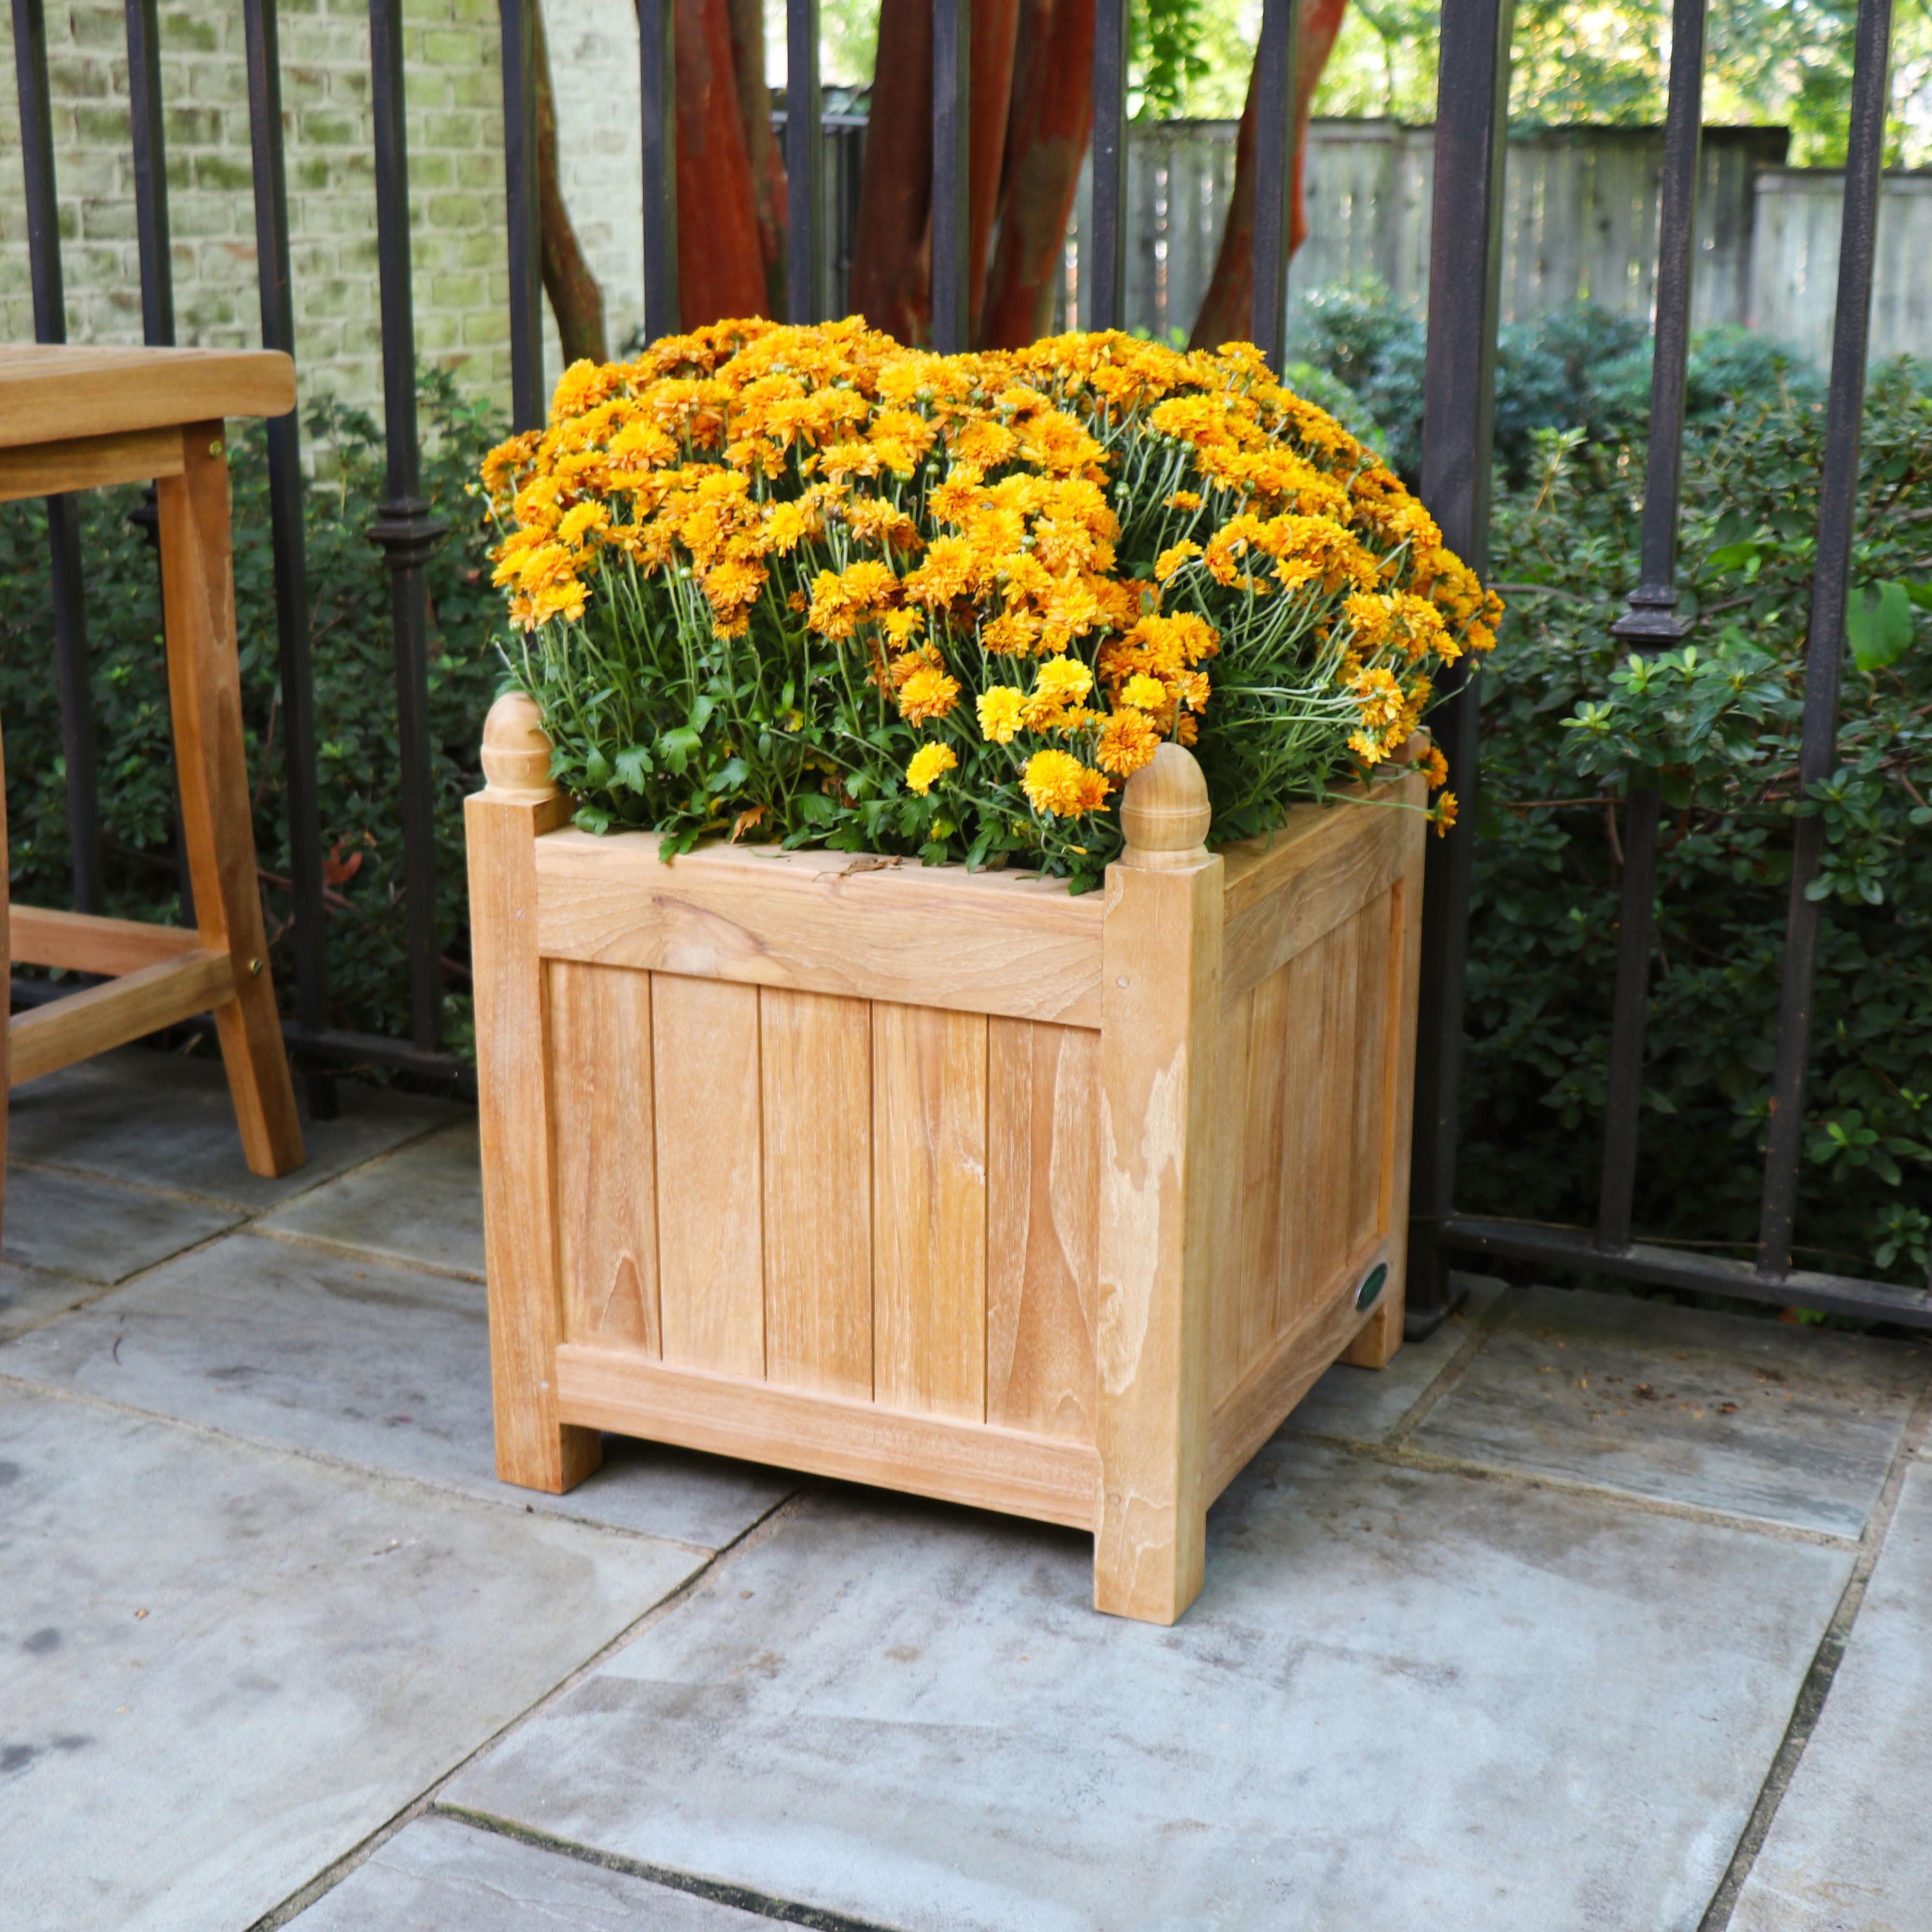 Teak Gardening & Other